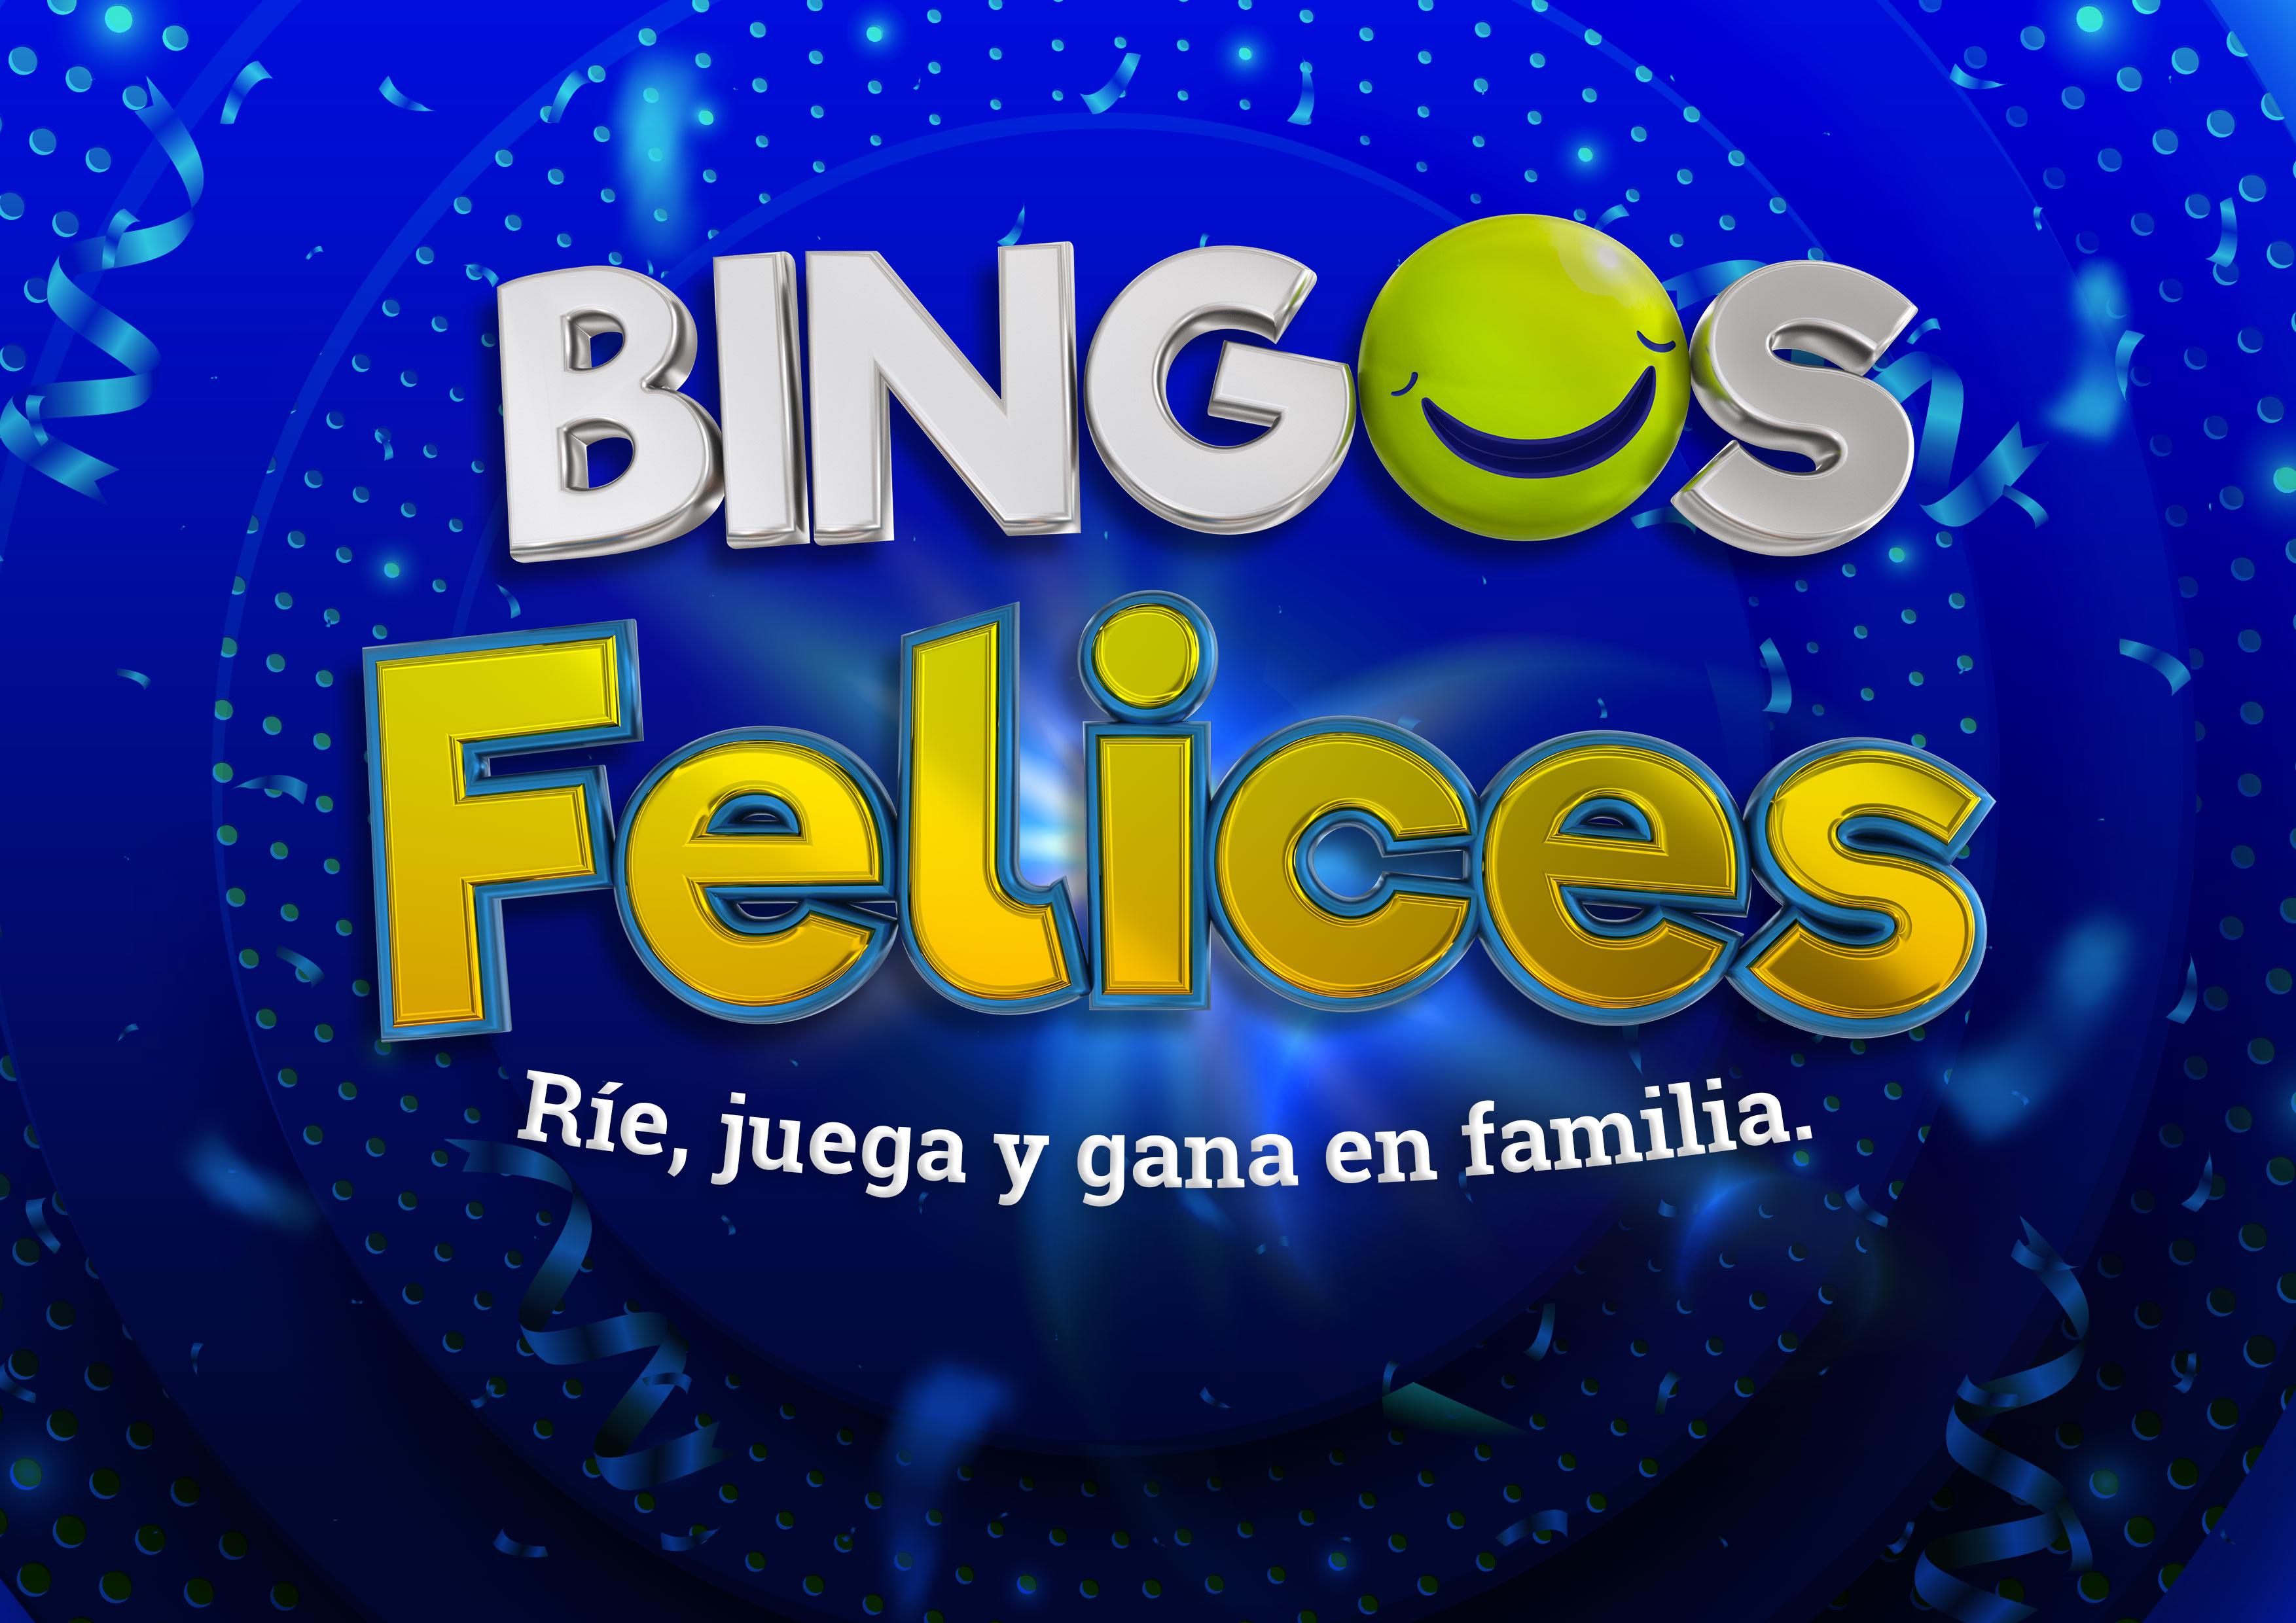 A 'Sábados felices' llega Bingos felices a partir de este 5 de diciembre